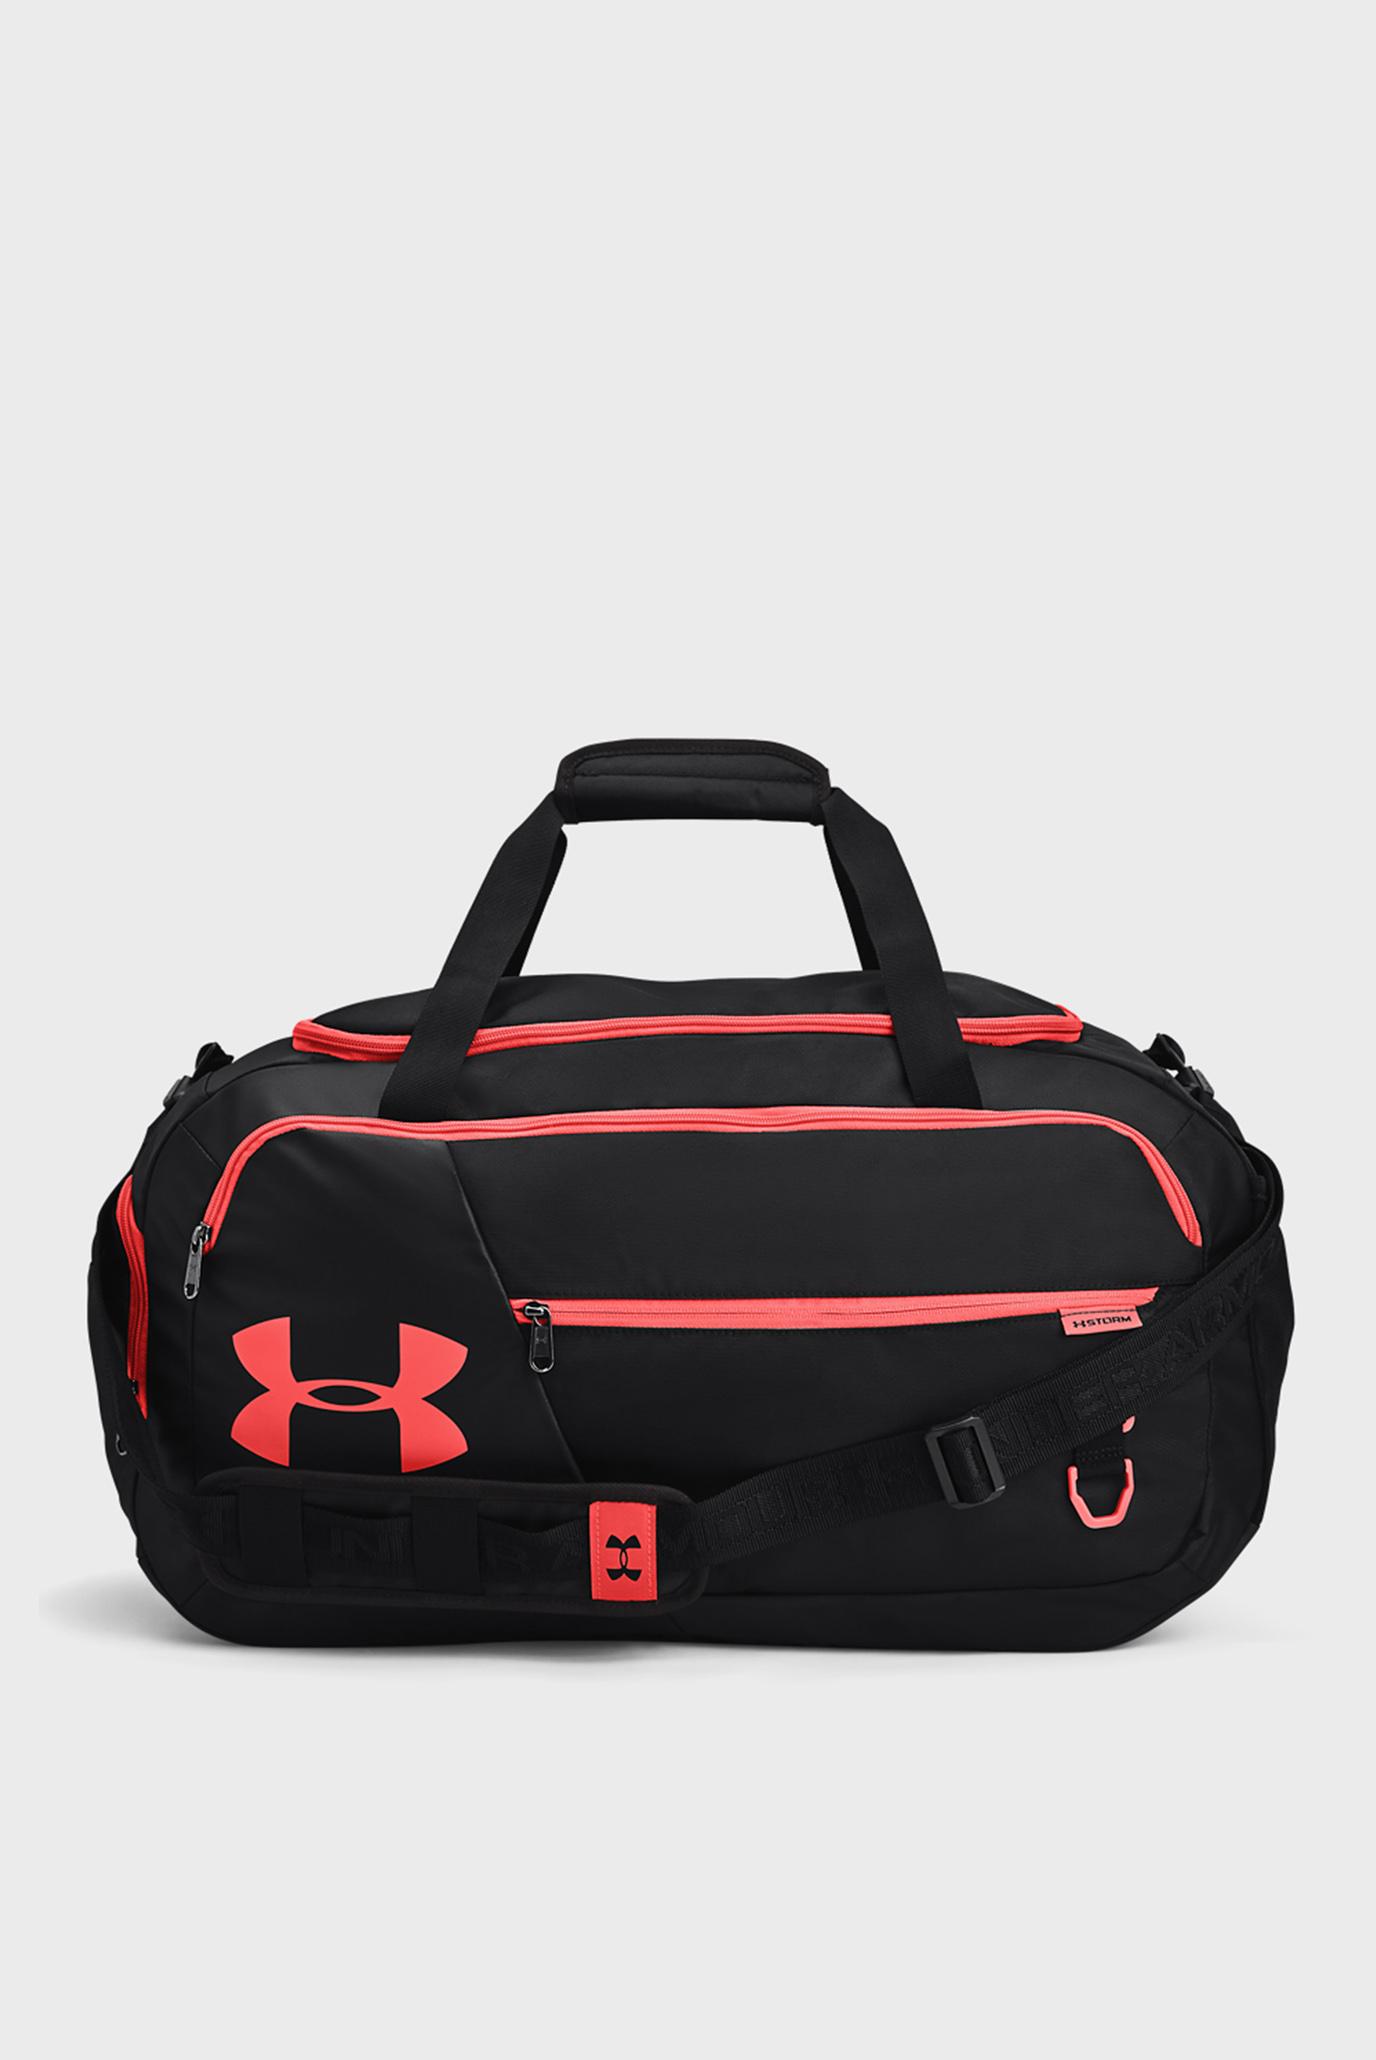 Чорна спортивна сумка UA Undeniable 4.0 Duffle MD-BLK 1